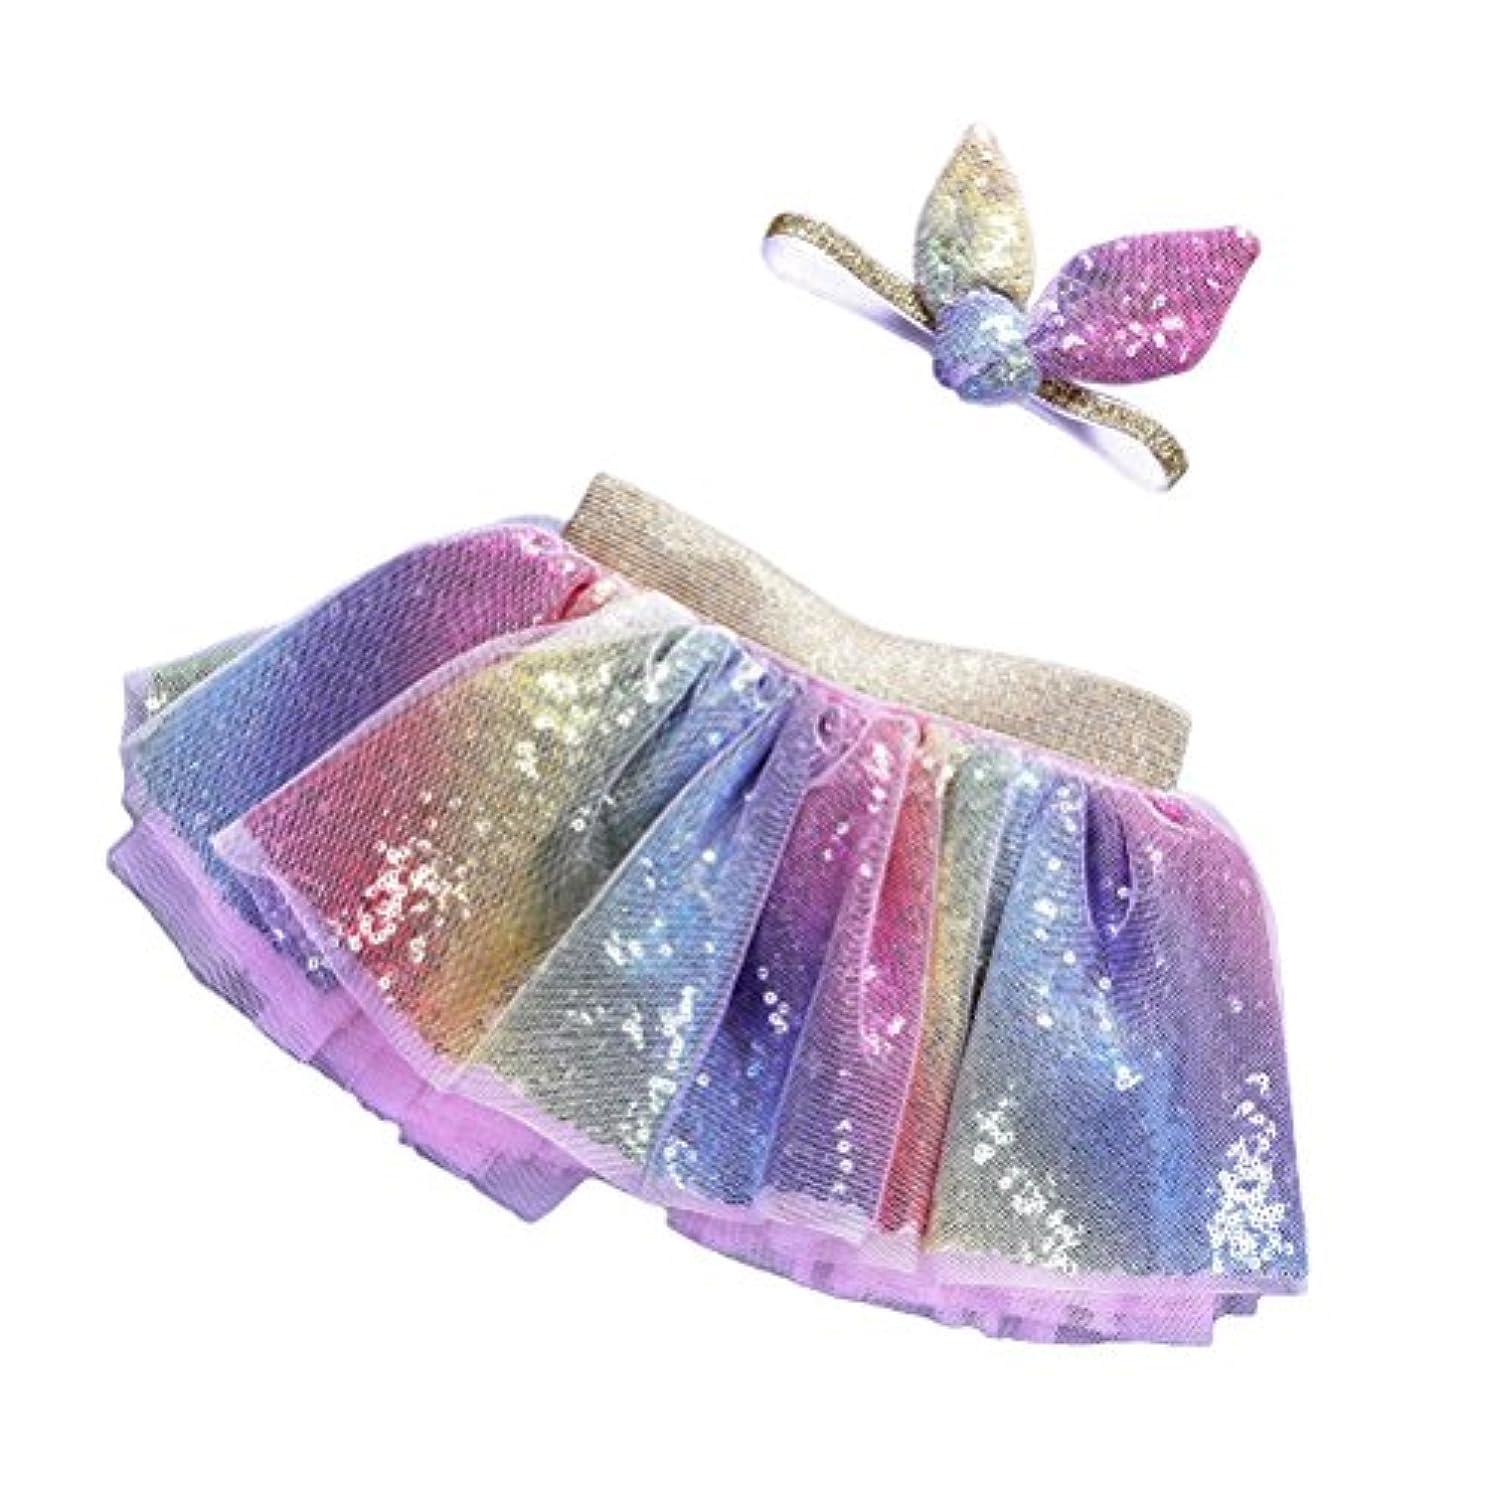 触手不愉快実質的LUOEM 2PCSレインボーツツースカート(ヘッドバンド付き)プリンセスガールツツーの服装ベビーガールズ誕生日の服セットサイズM(2?5歳)